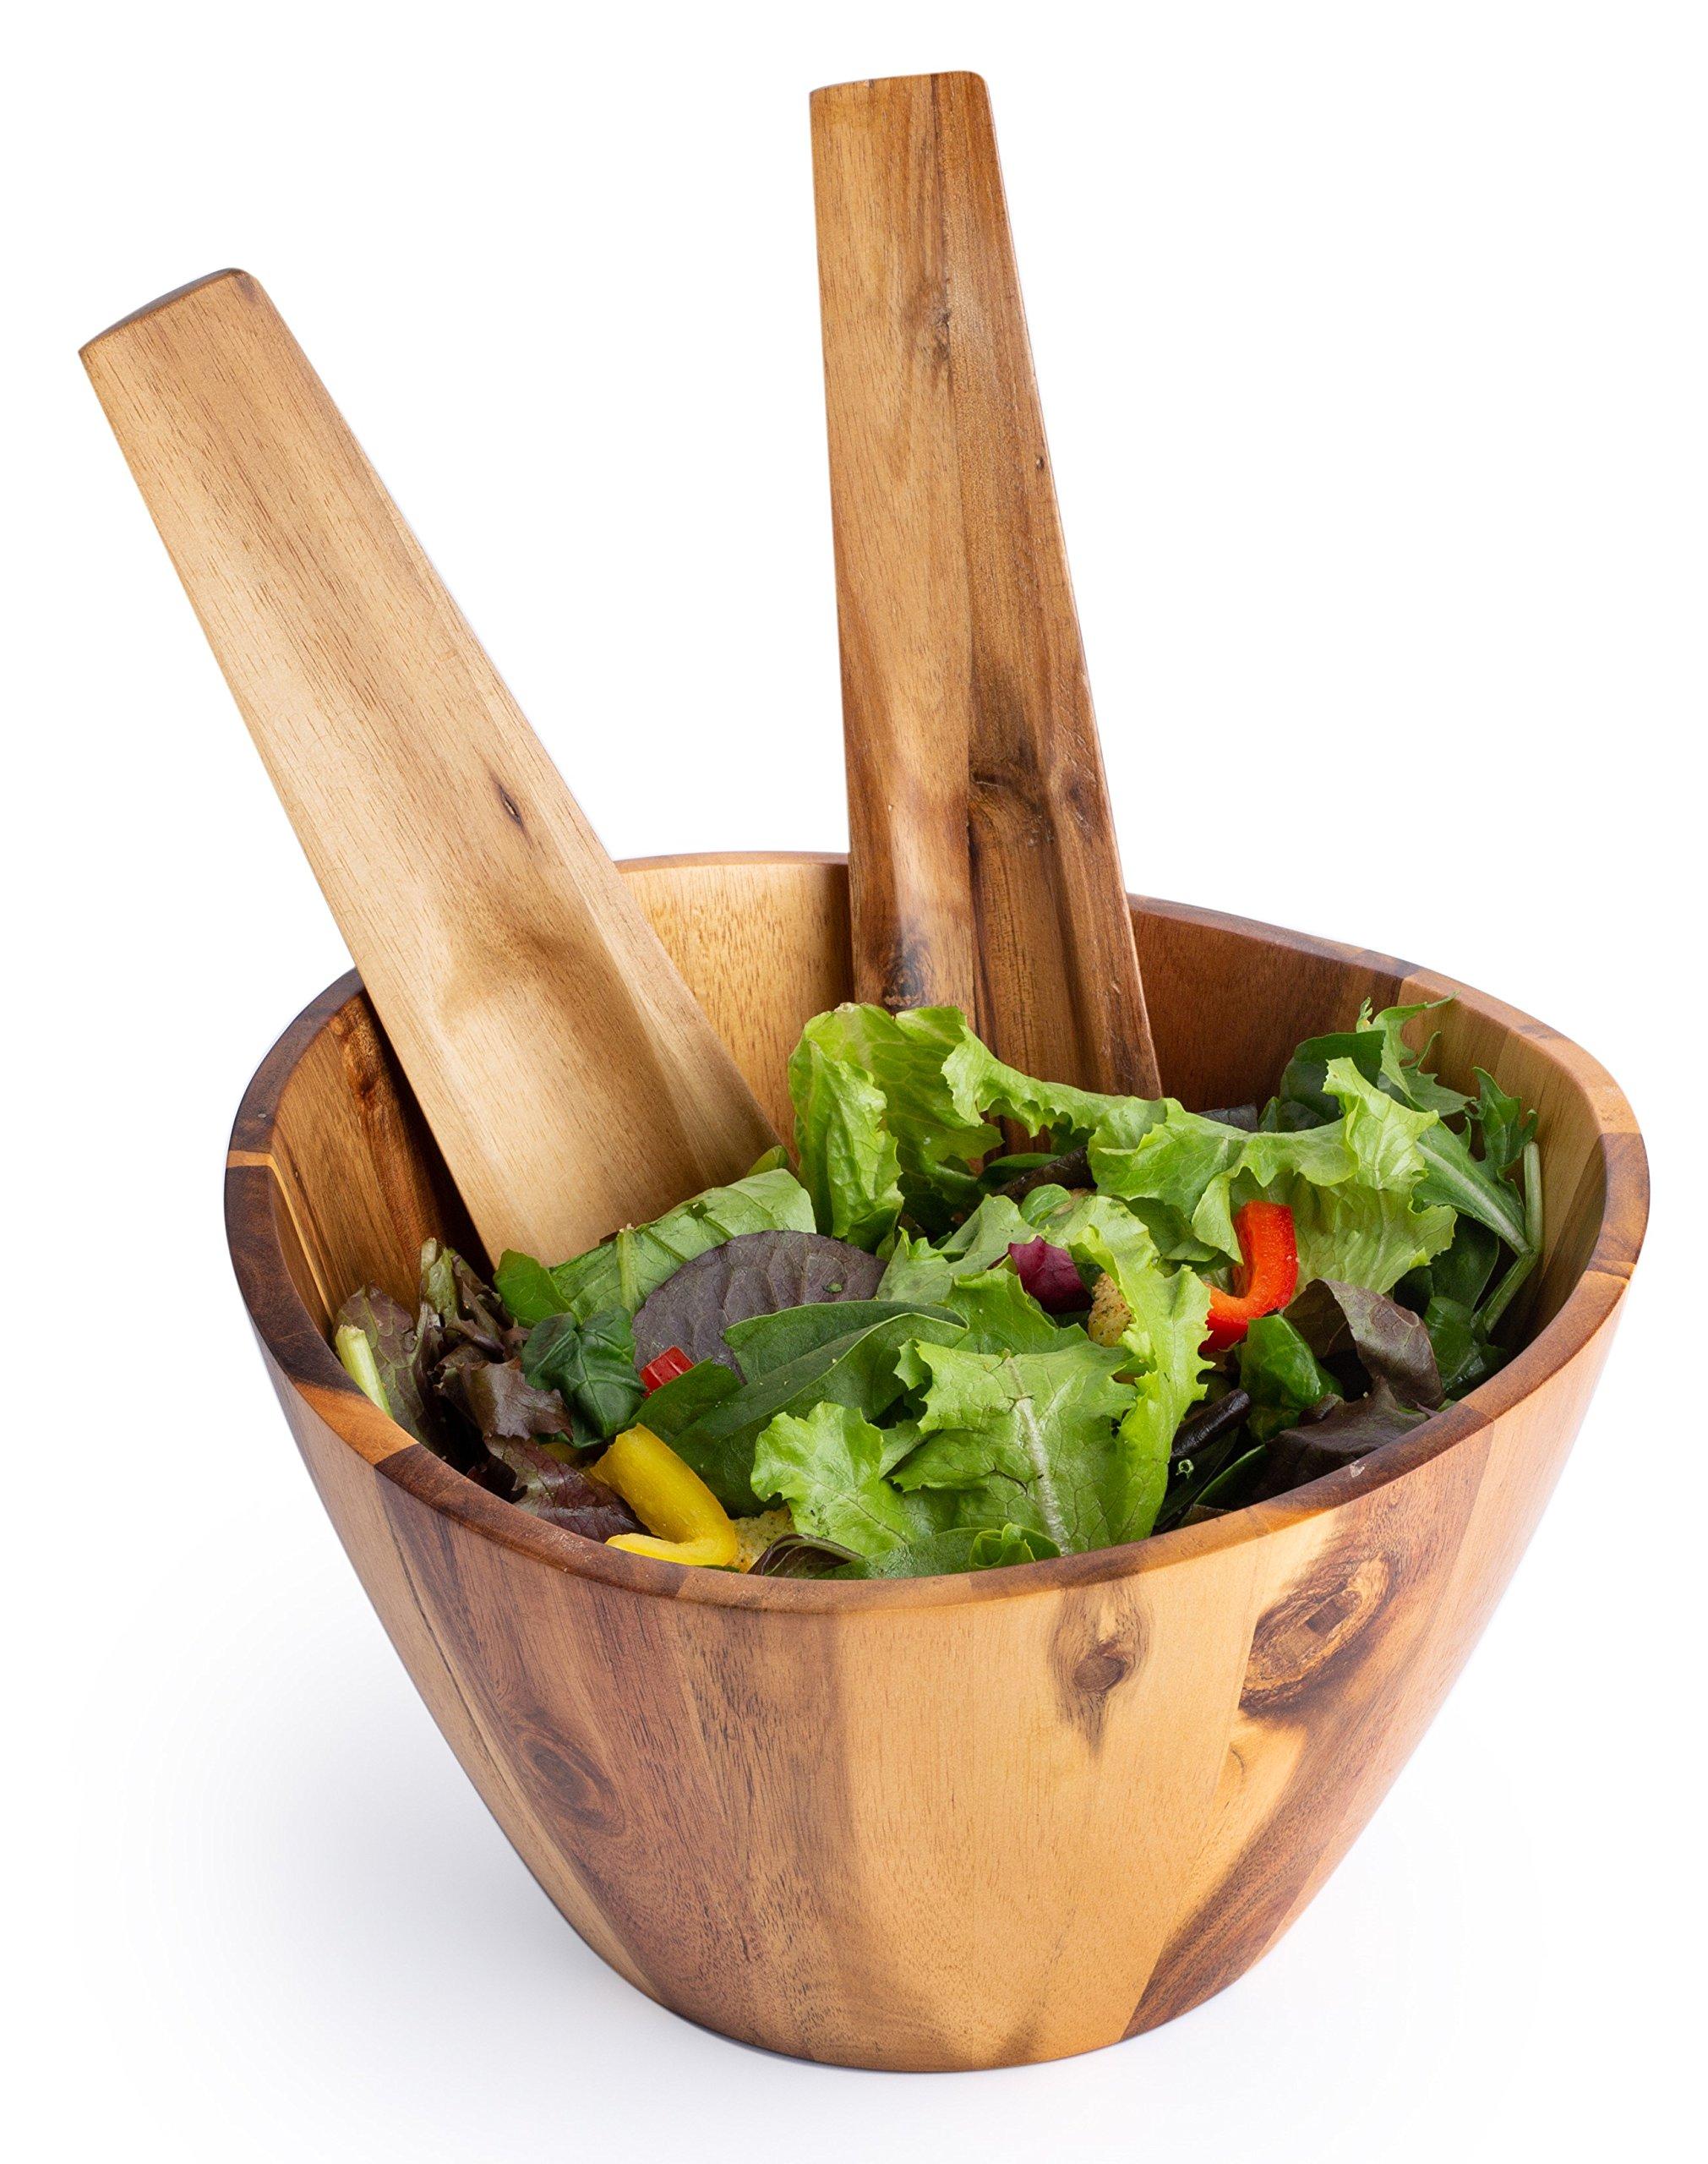 Acacia Wood Salad Bowl 3 Piece Set. 10 x 6 Salad Bowl with 2 Utensils.